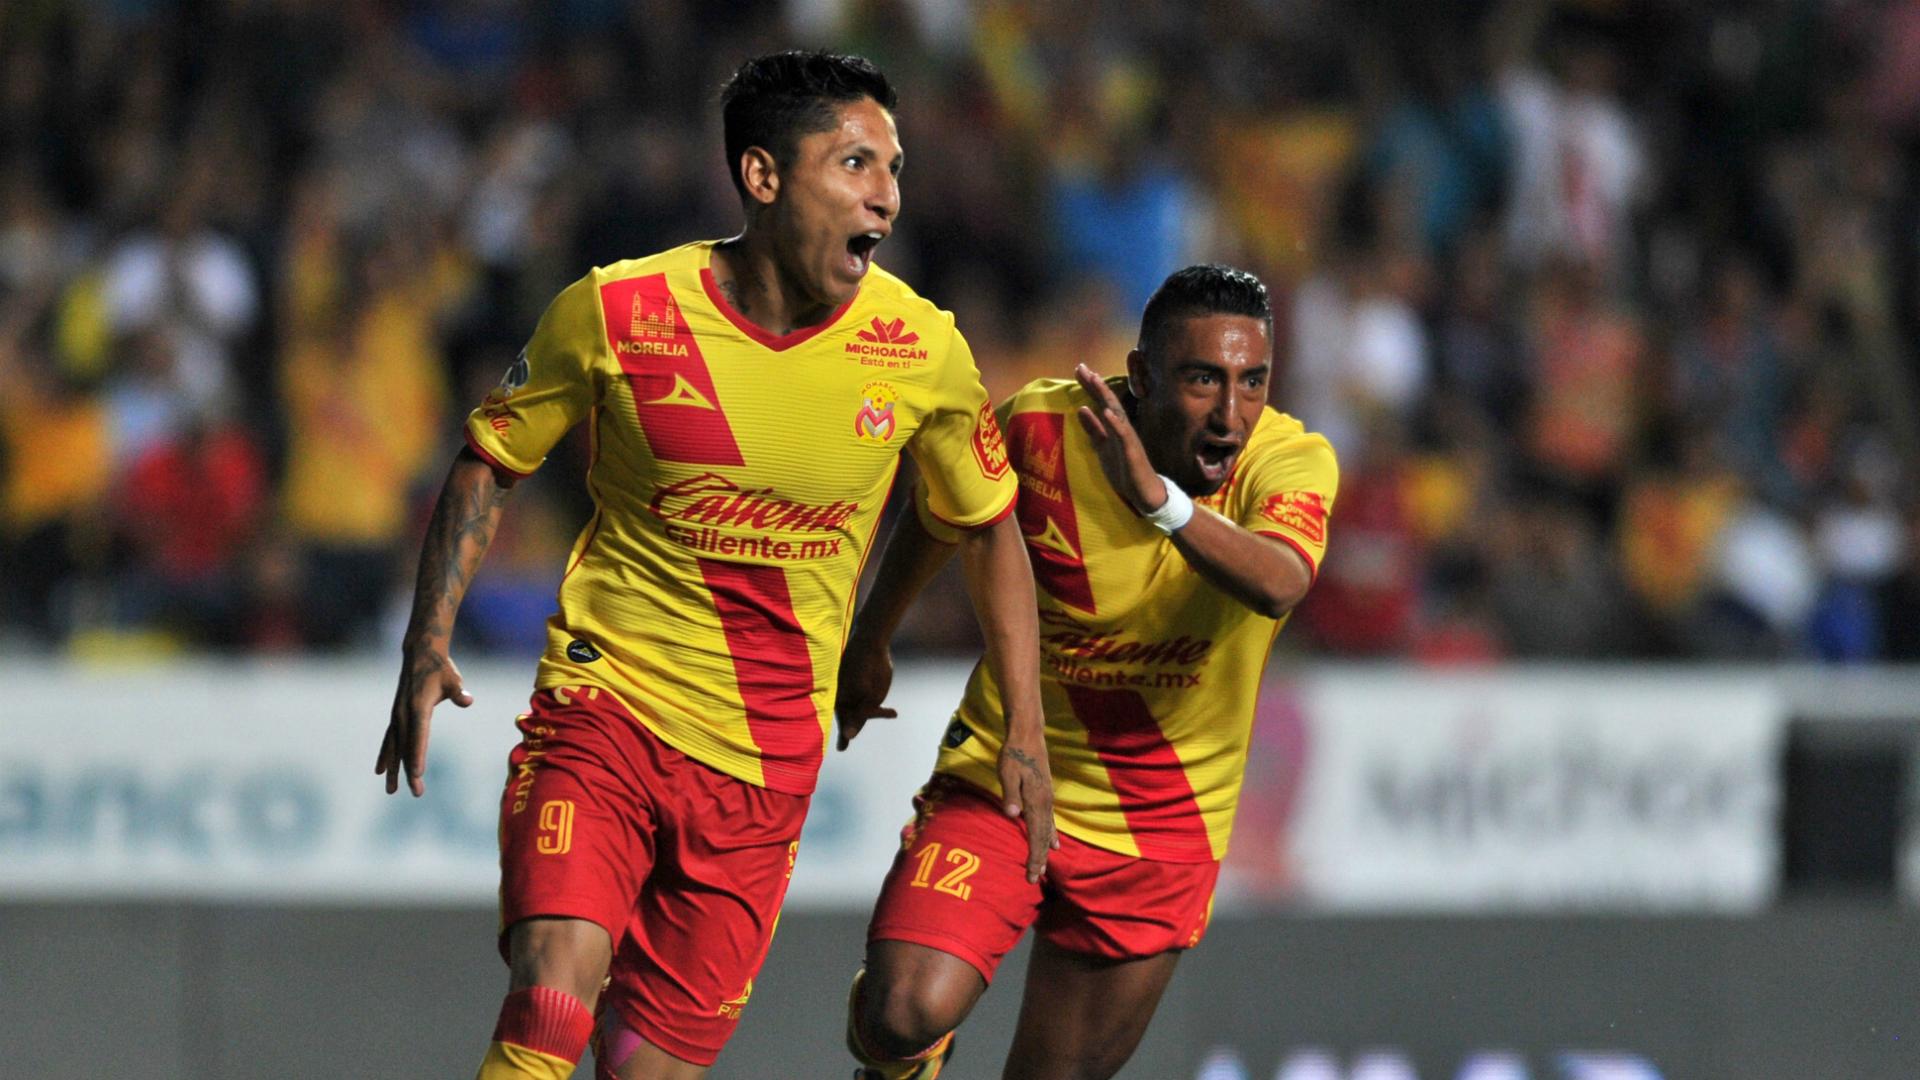 Raúl Ruidíaz Morelia Apertura 2017